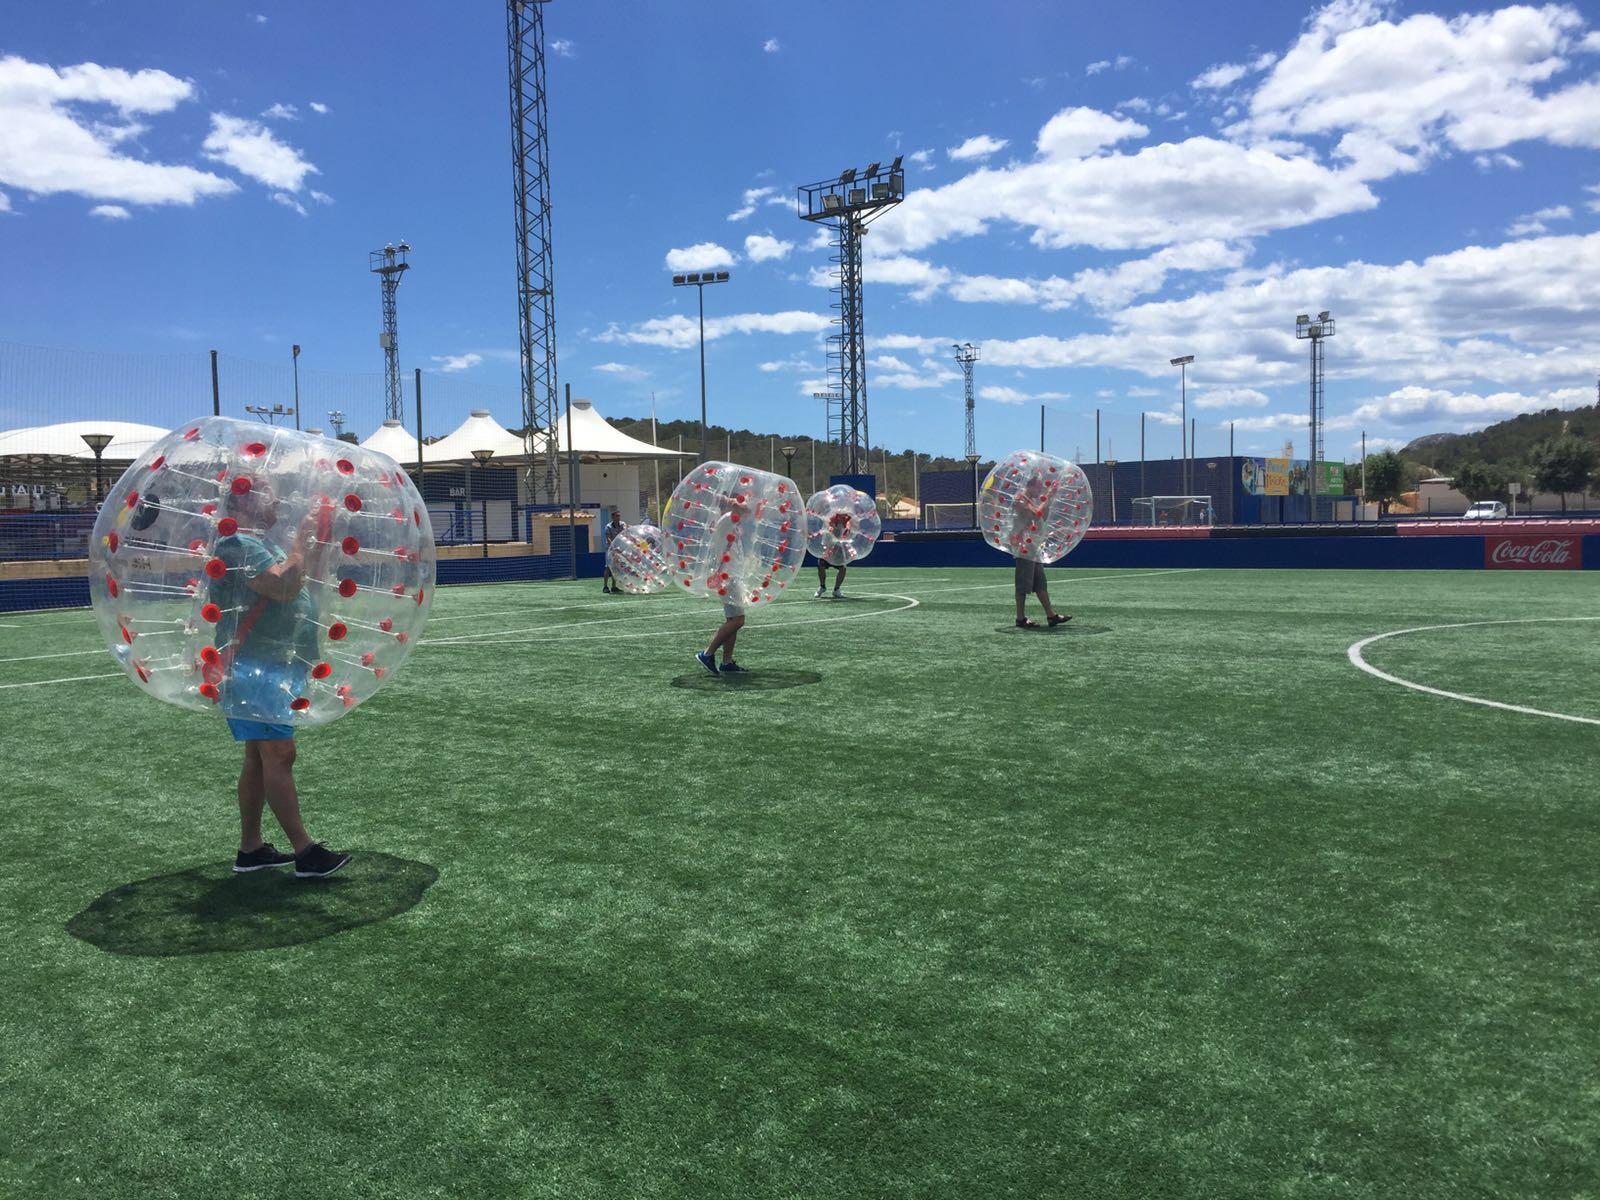 Fútbol Burbuja, Marina Alta y Alicante - Bubblesoccer-foto2